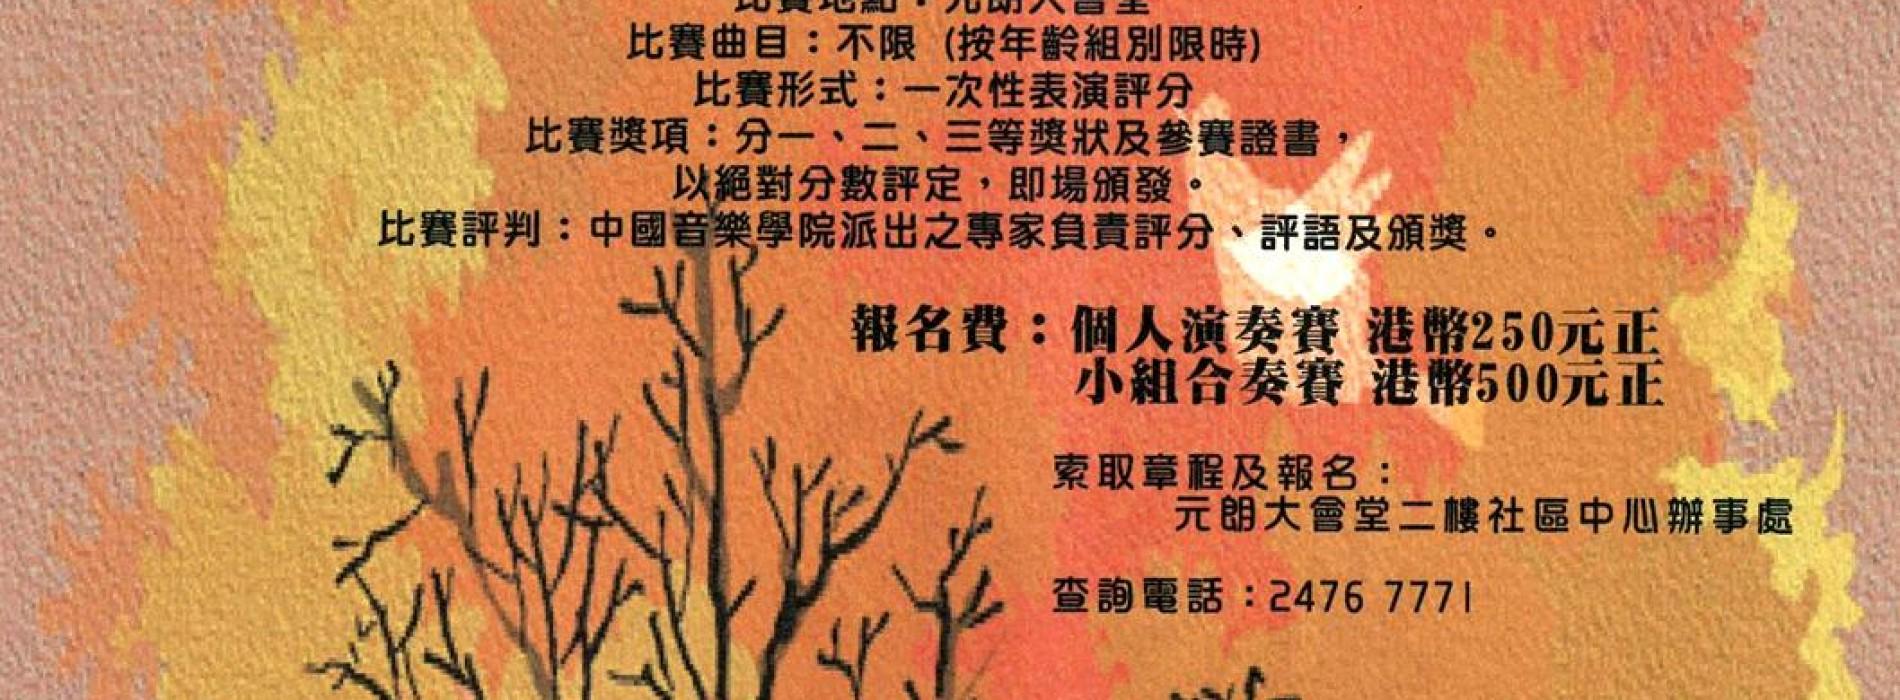 中國音樂學院第十屆音樂評分賽 [截止報名:3月14日]